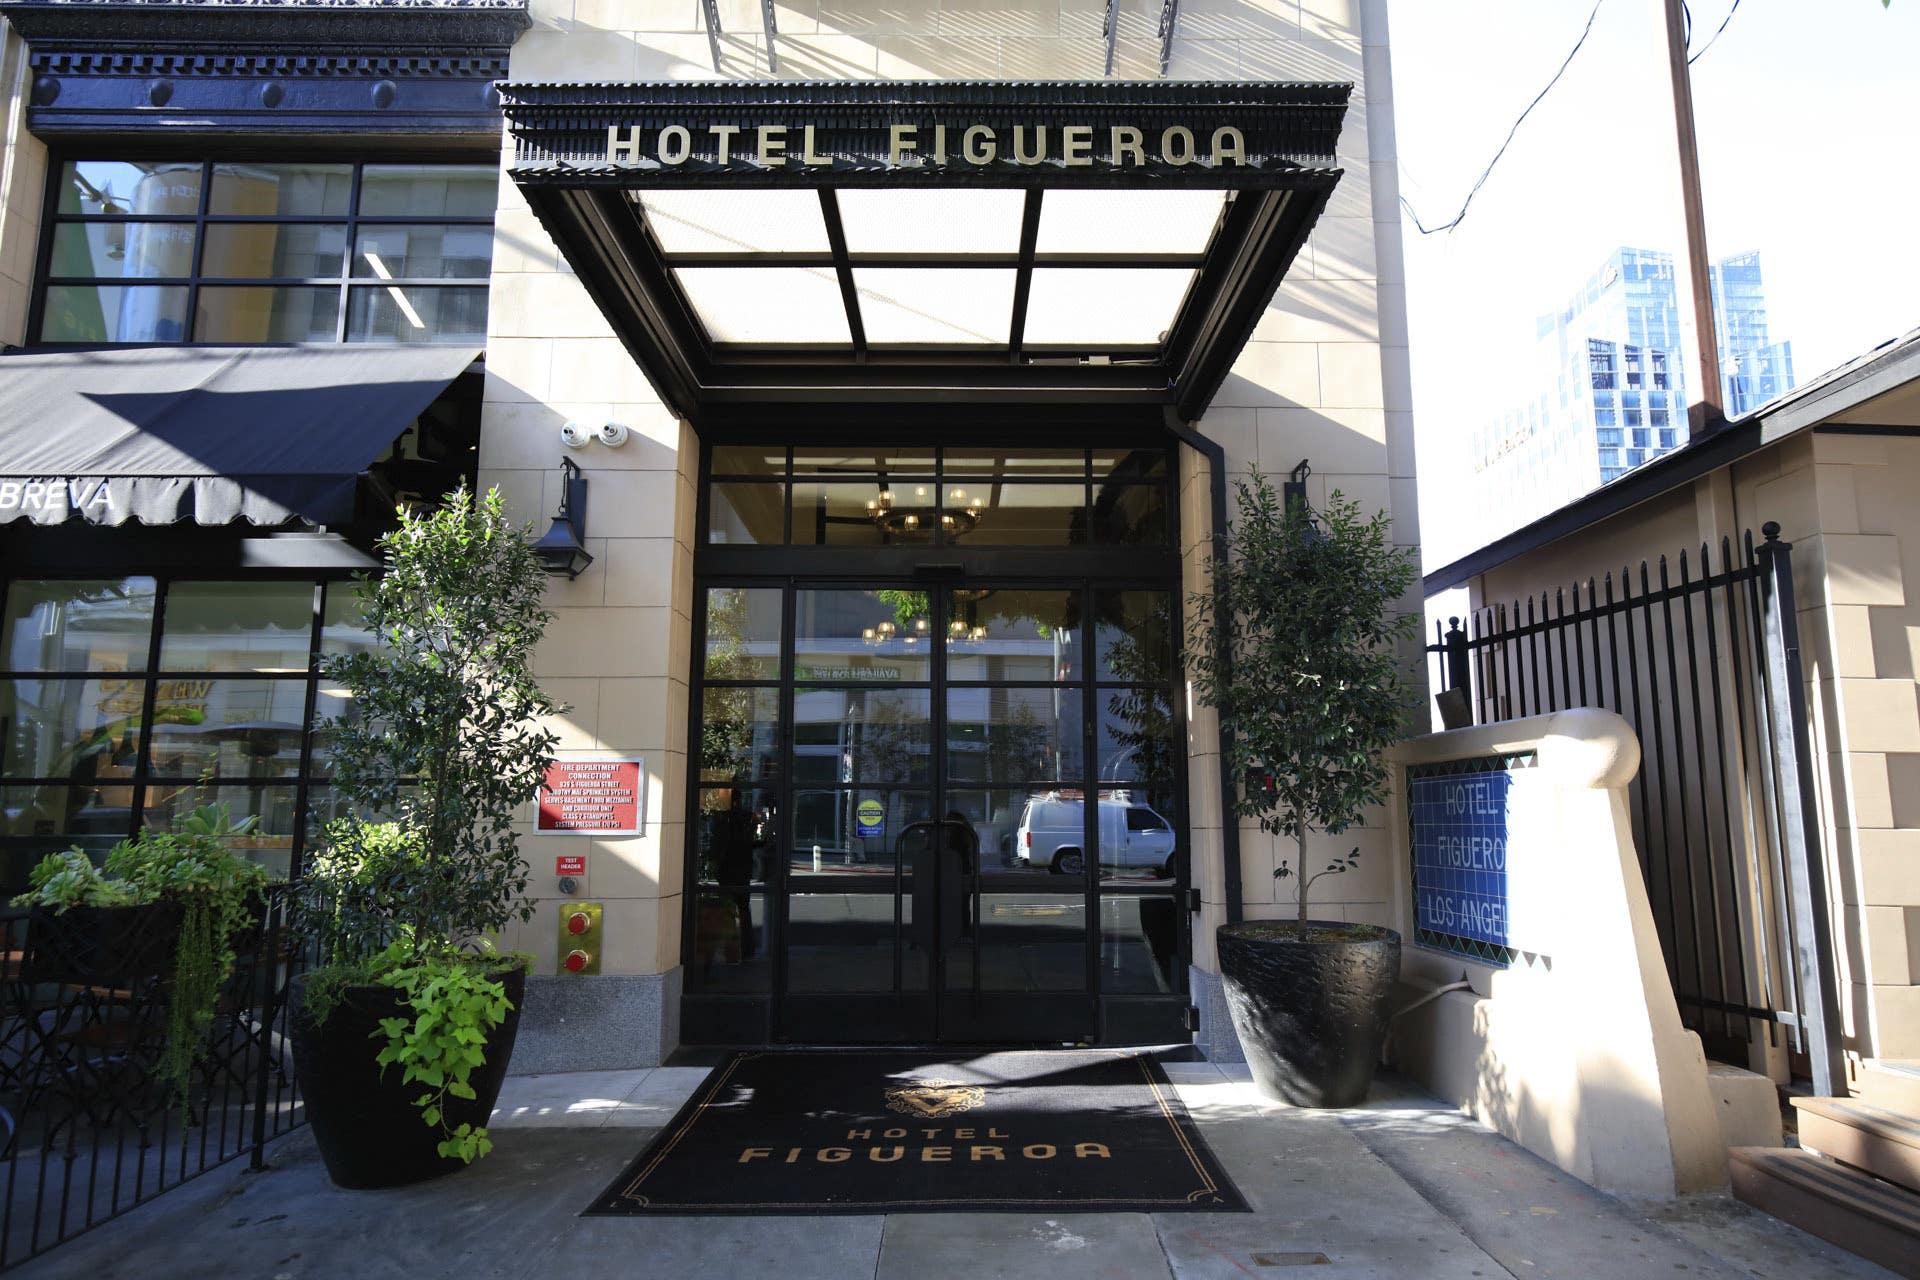 Entrance Hotel Figueroa